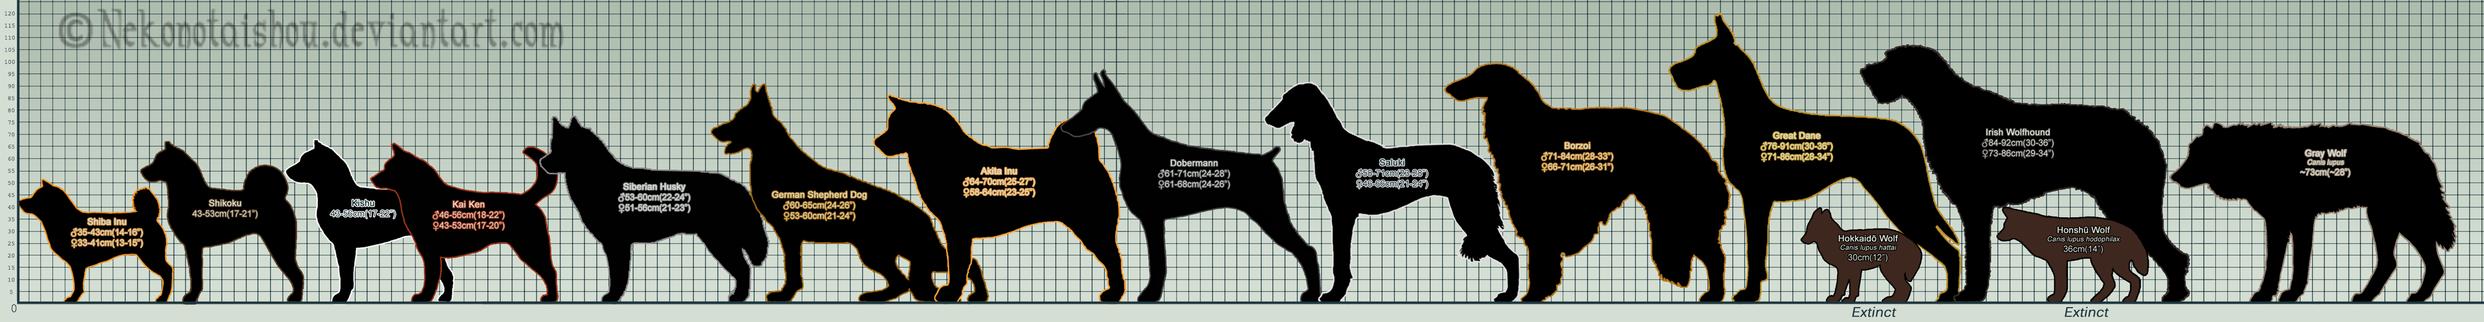 Ginga Breed Size Chart WIP by nekonotaishou on DeviantArt